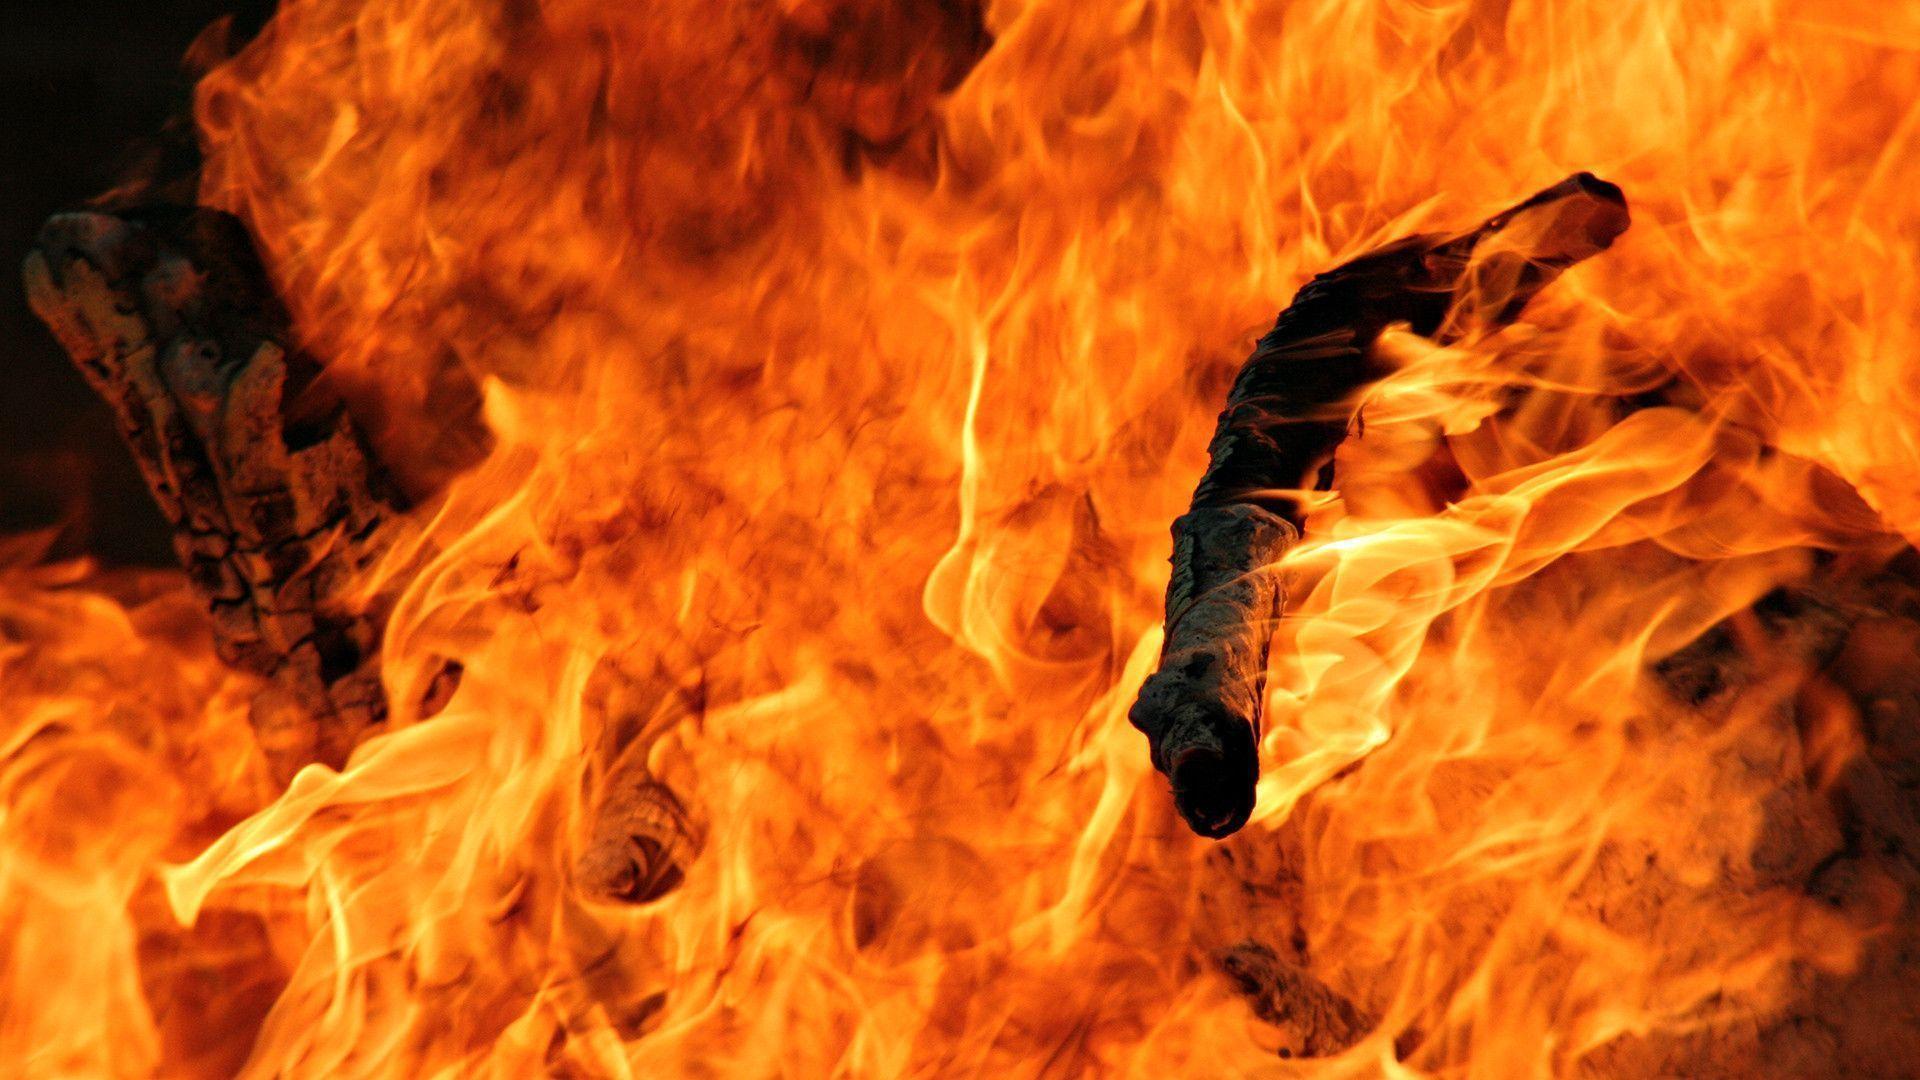 Hình nền lửa cực đẹp